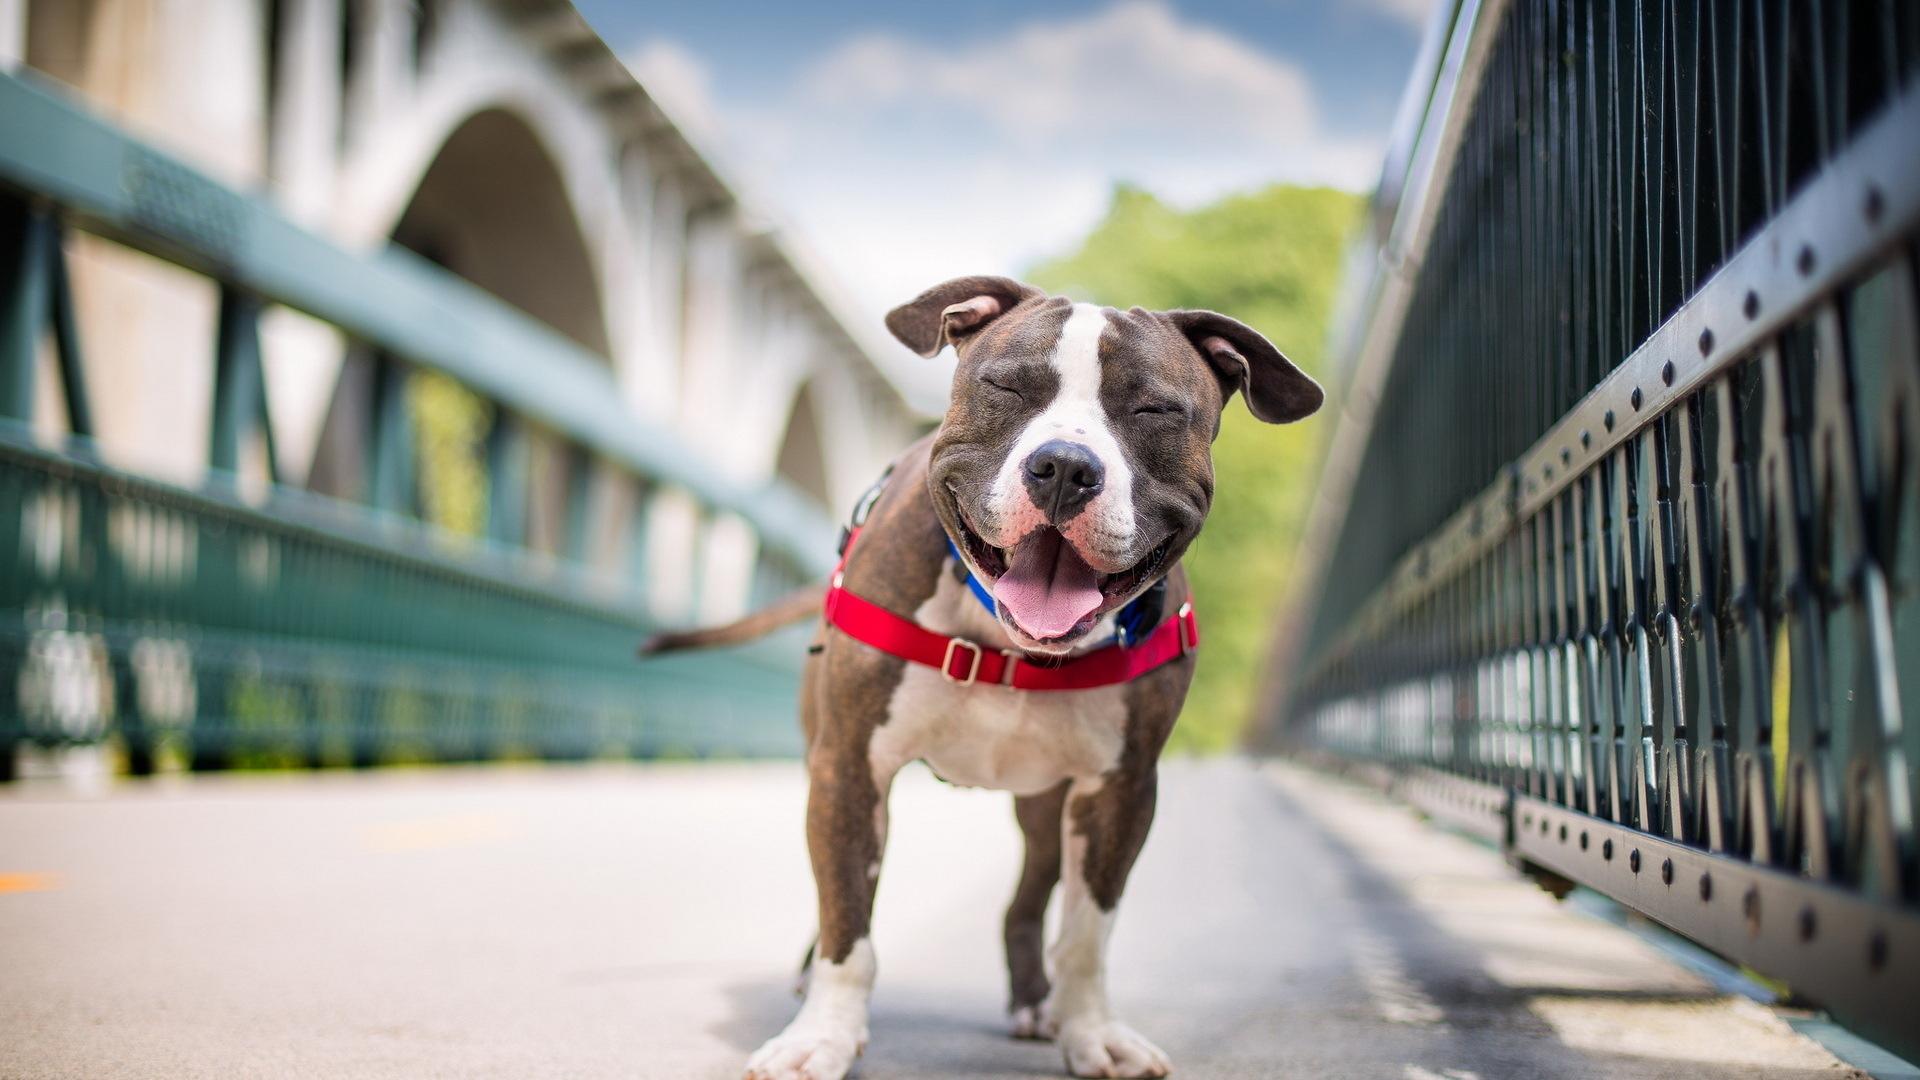 Tatis & Co es una empresa que se enfoca en el bienestar de nuestras mascotas. Da seguimiento puntual al desarrollo de nuestros animales, desde el...